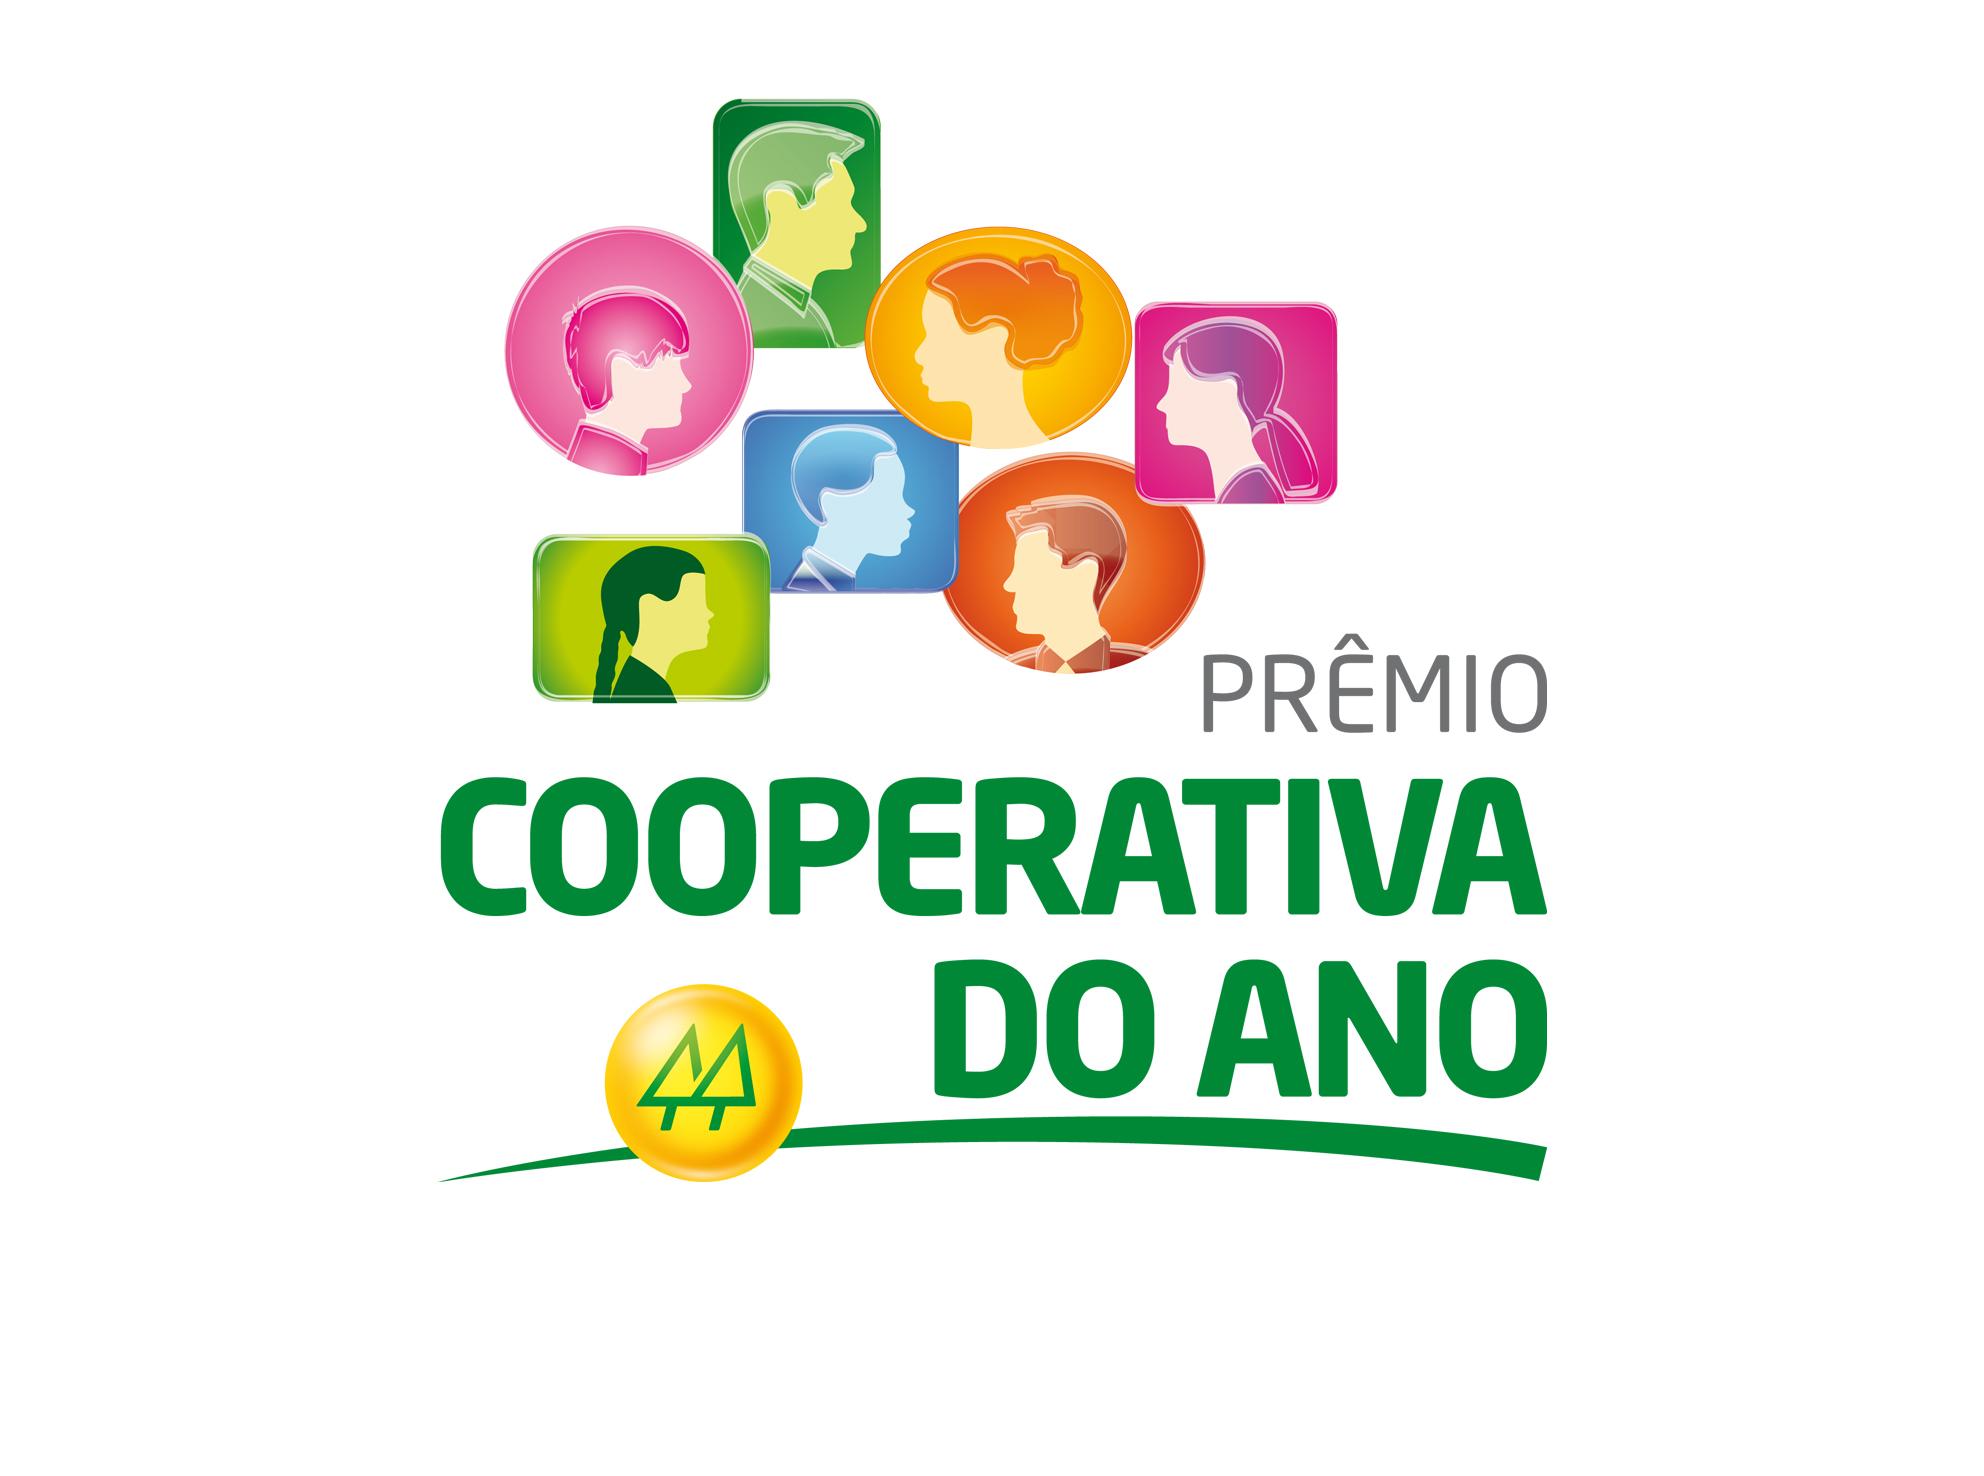 Marca Premio Cooperativa Do Ano 23 10 2012